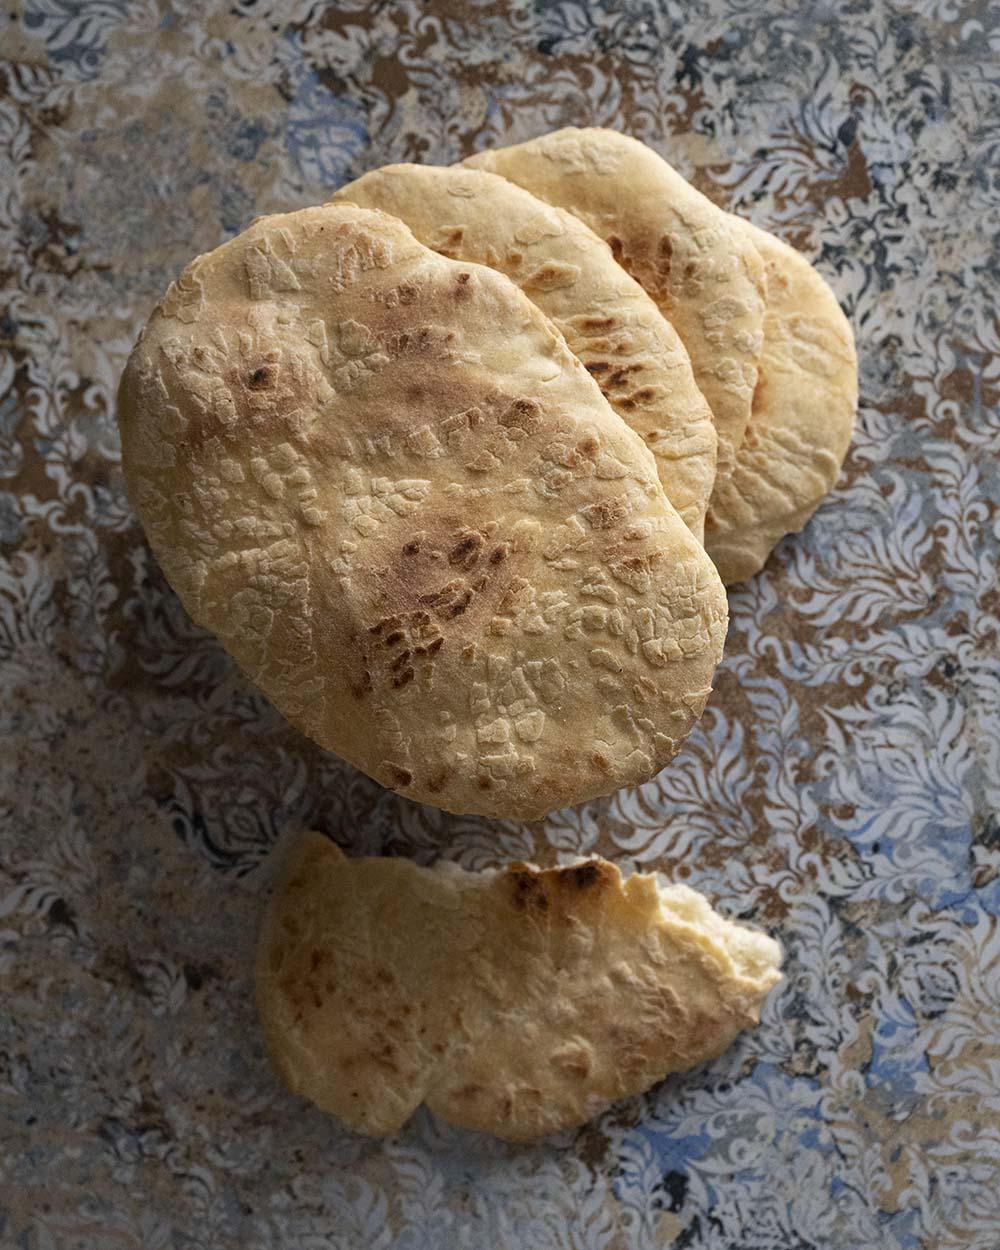 Mehrere Naan Brote, die gerade frisch aus dem Ofen gekommen sind, liegen auf einem Tisch.